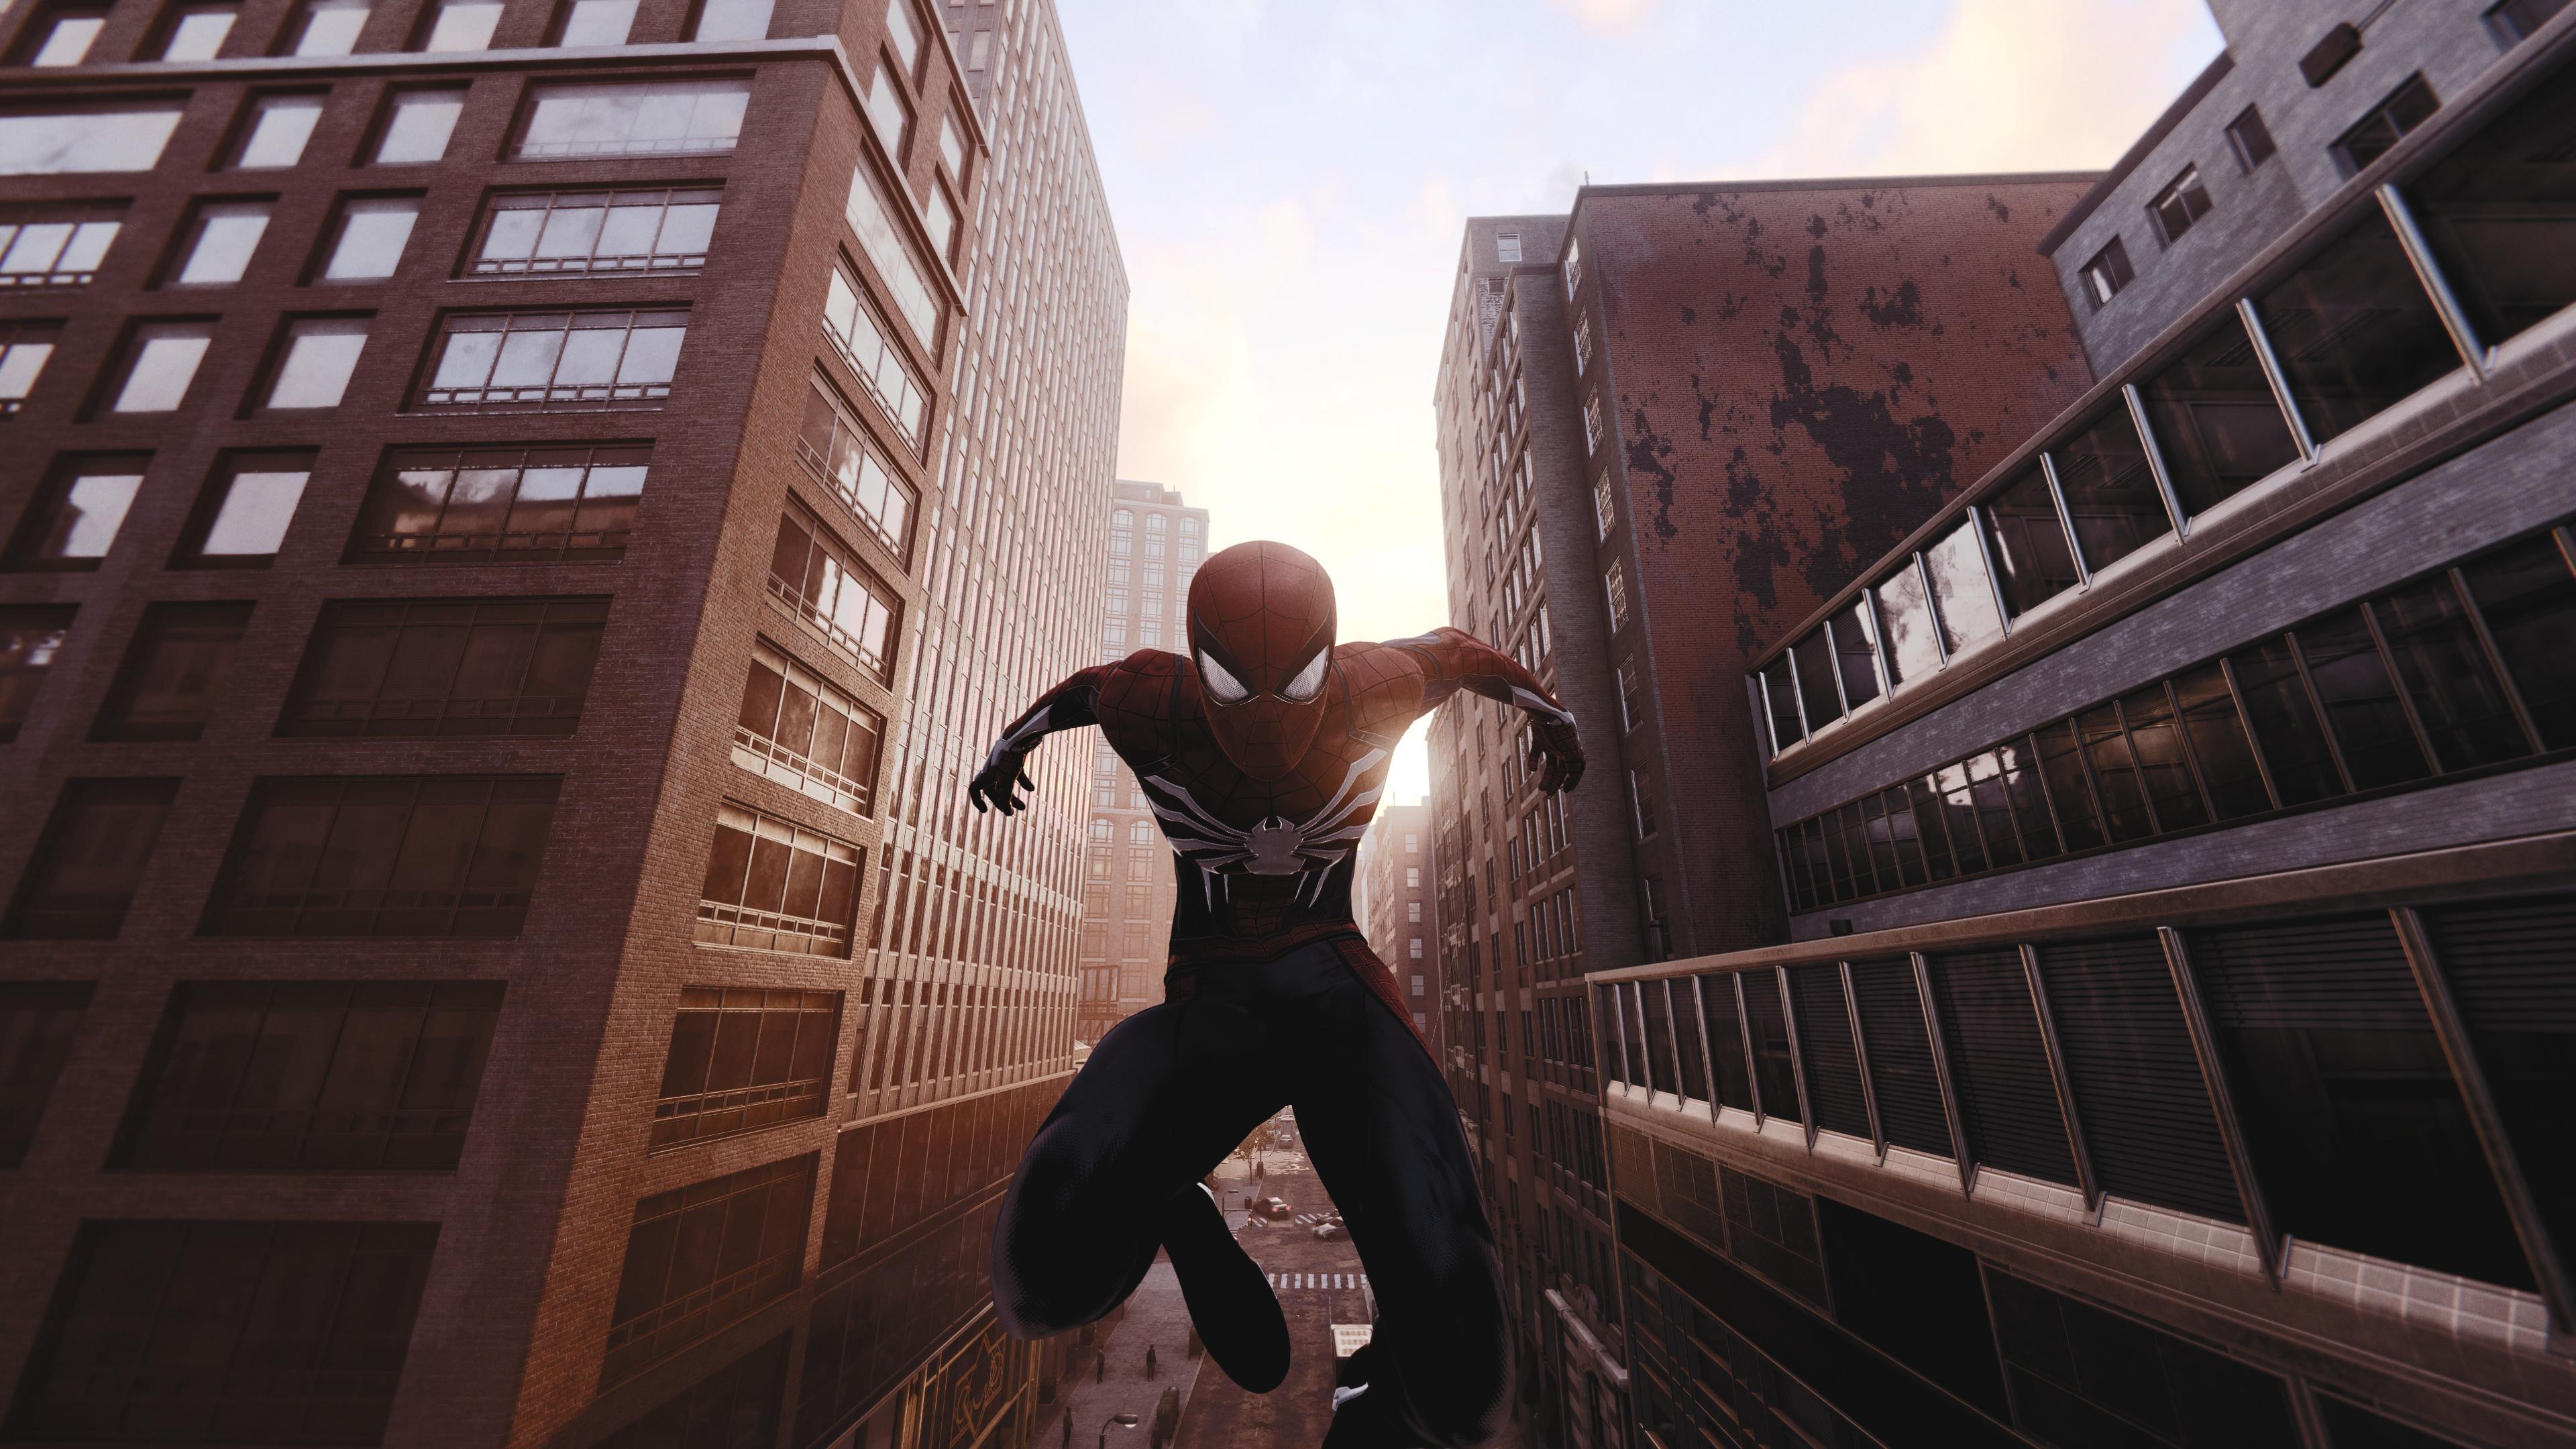 https://i.ibb.co/FnDMMNn/Marvel-s-Spider-Man-Remastered-20210511195741.jpg